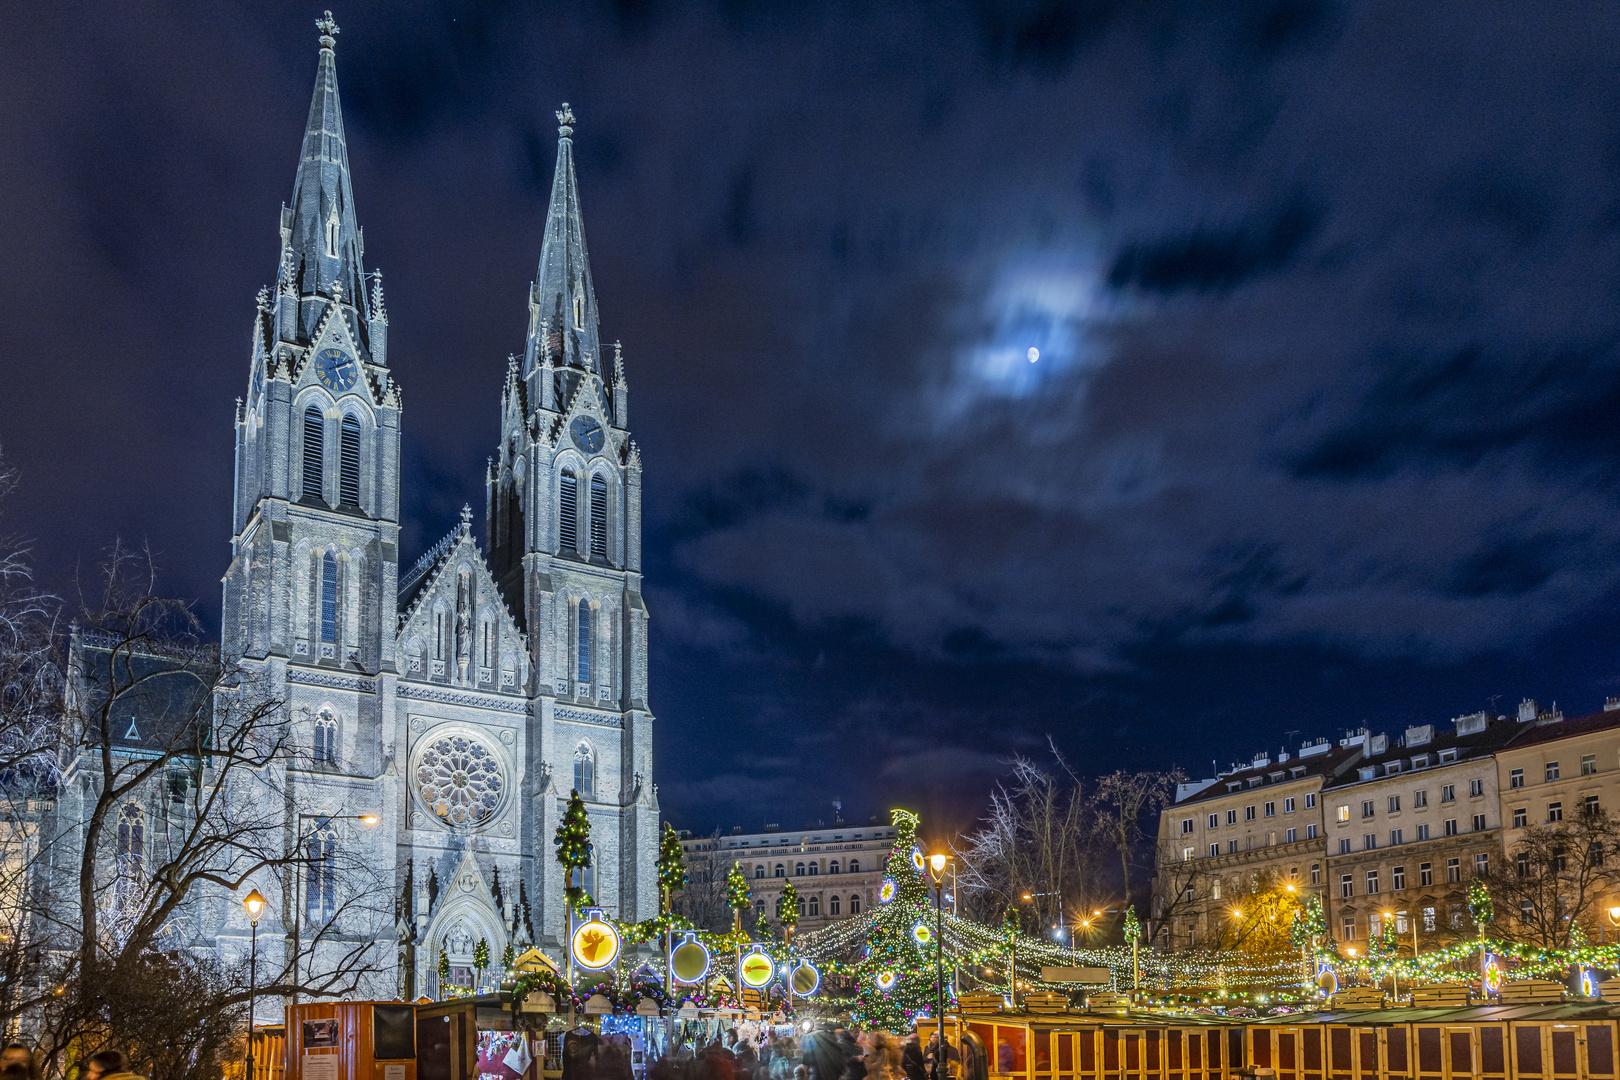 Weihnachtsmarkt mit Mond